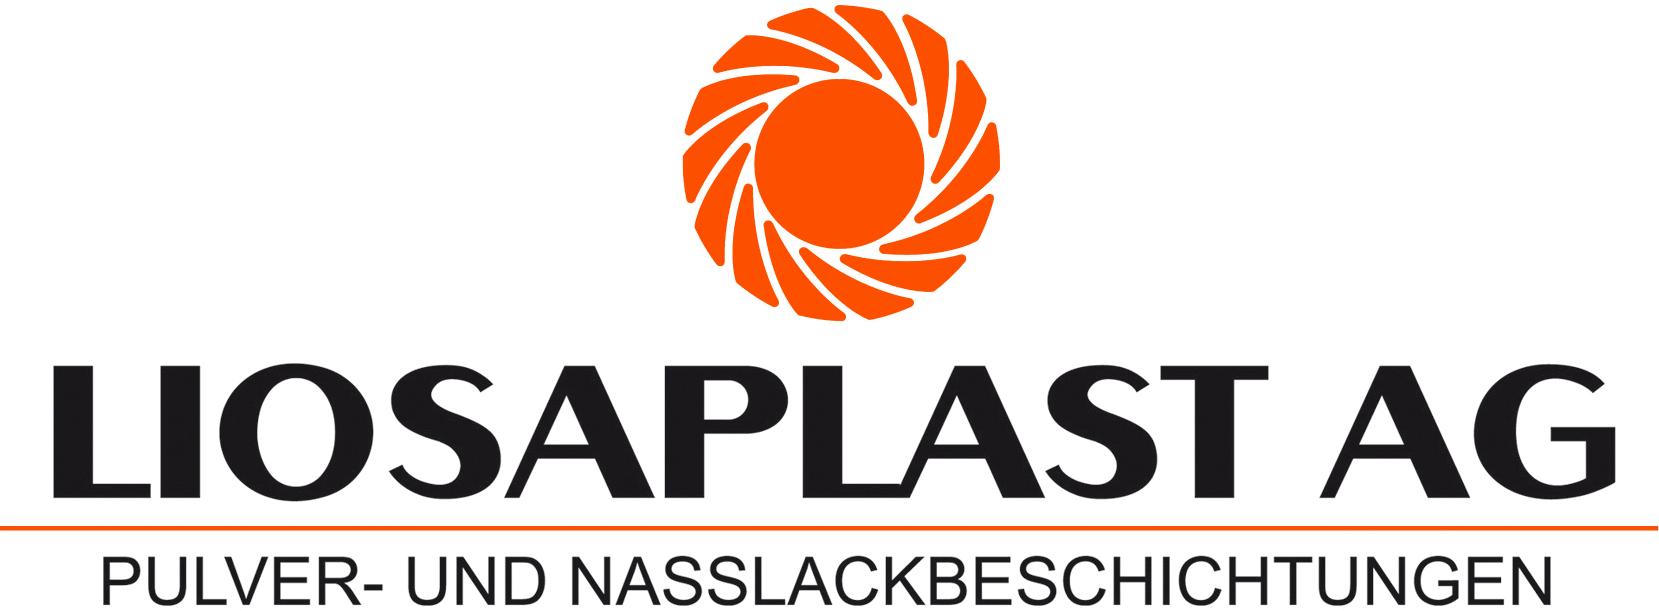 LIOSAPLAST AG: Pulverlackbeschichtungen und Nasslackbeschichtungen